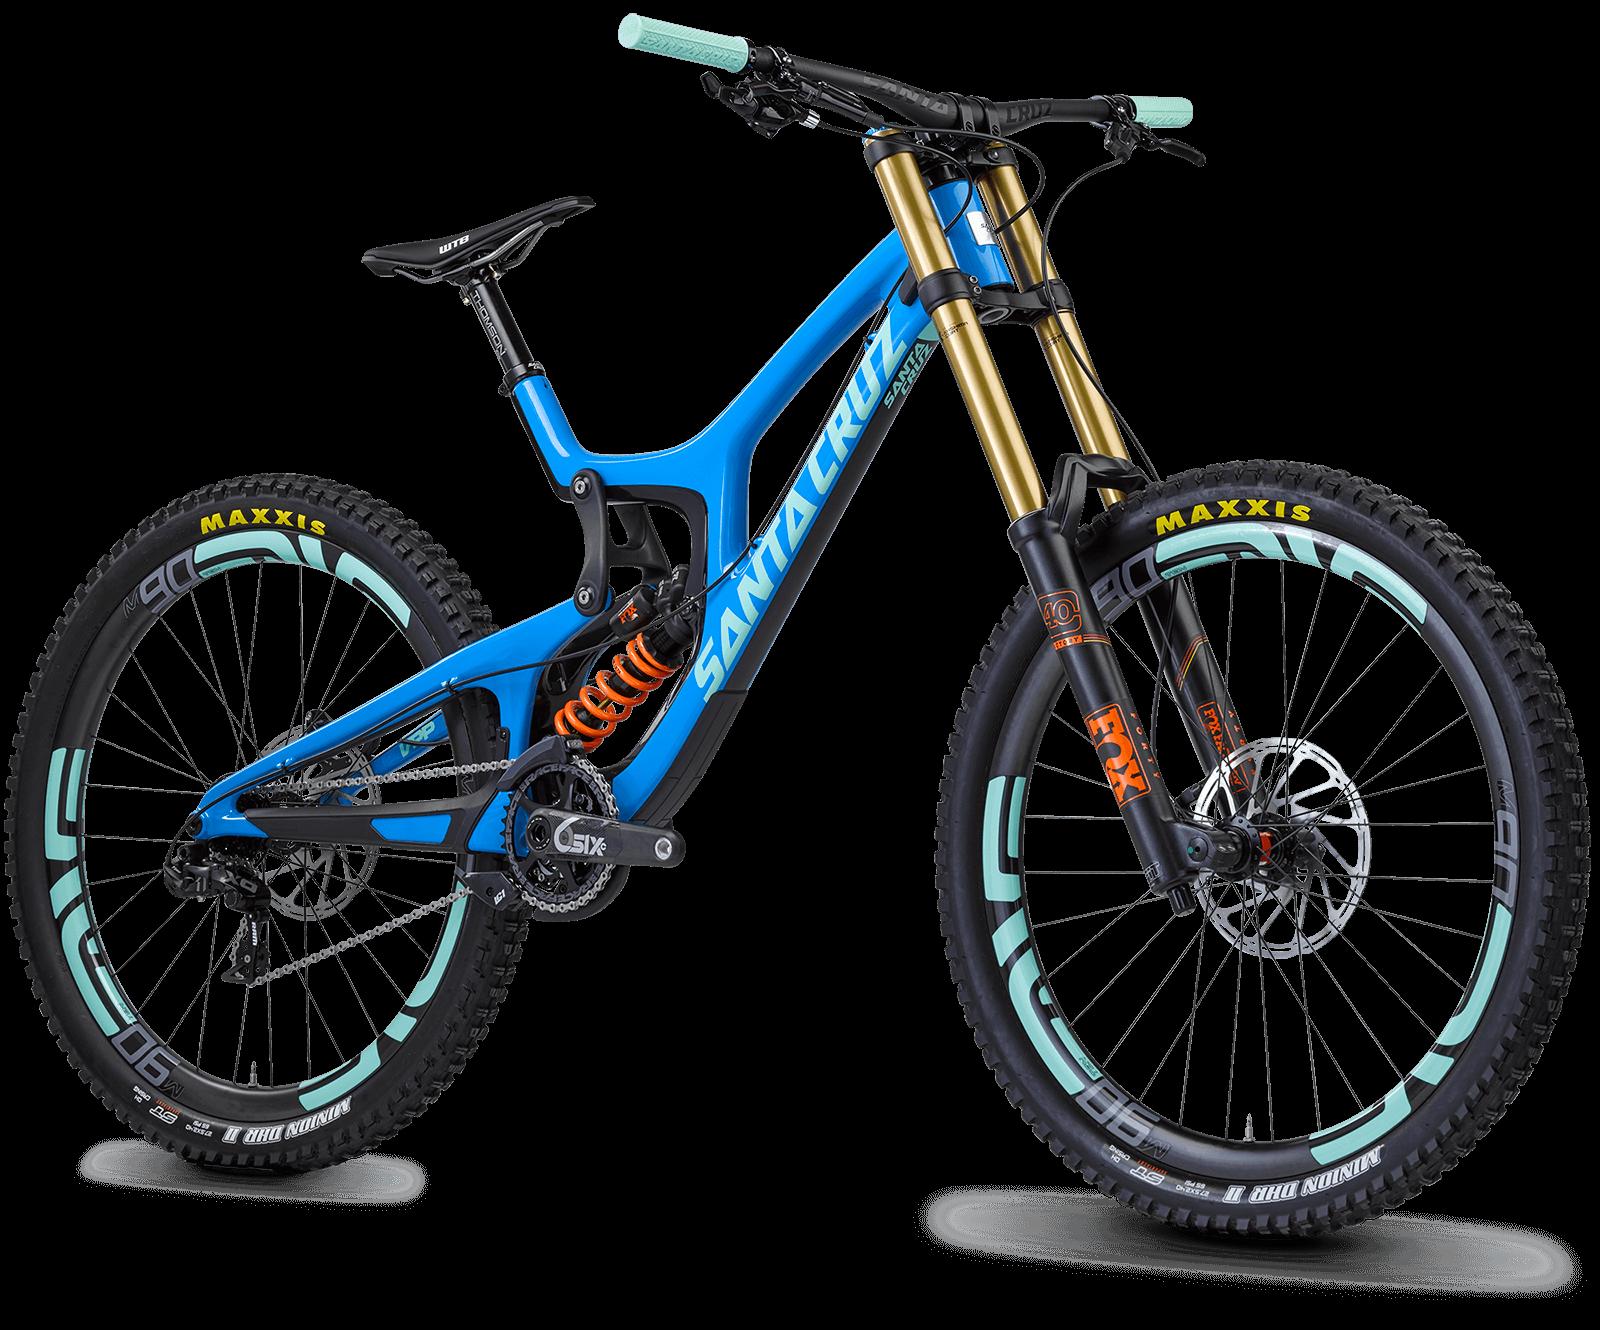 Bicicleta santa cruz v10 carbon 275 off camber bicicleta santa cruz v10 carbon 275 altavistaventures Image collections